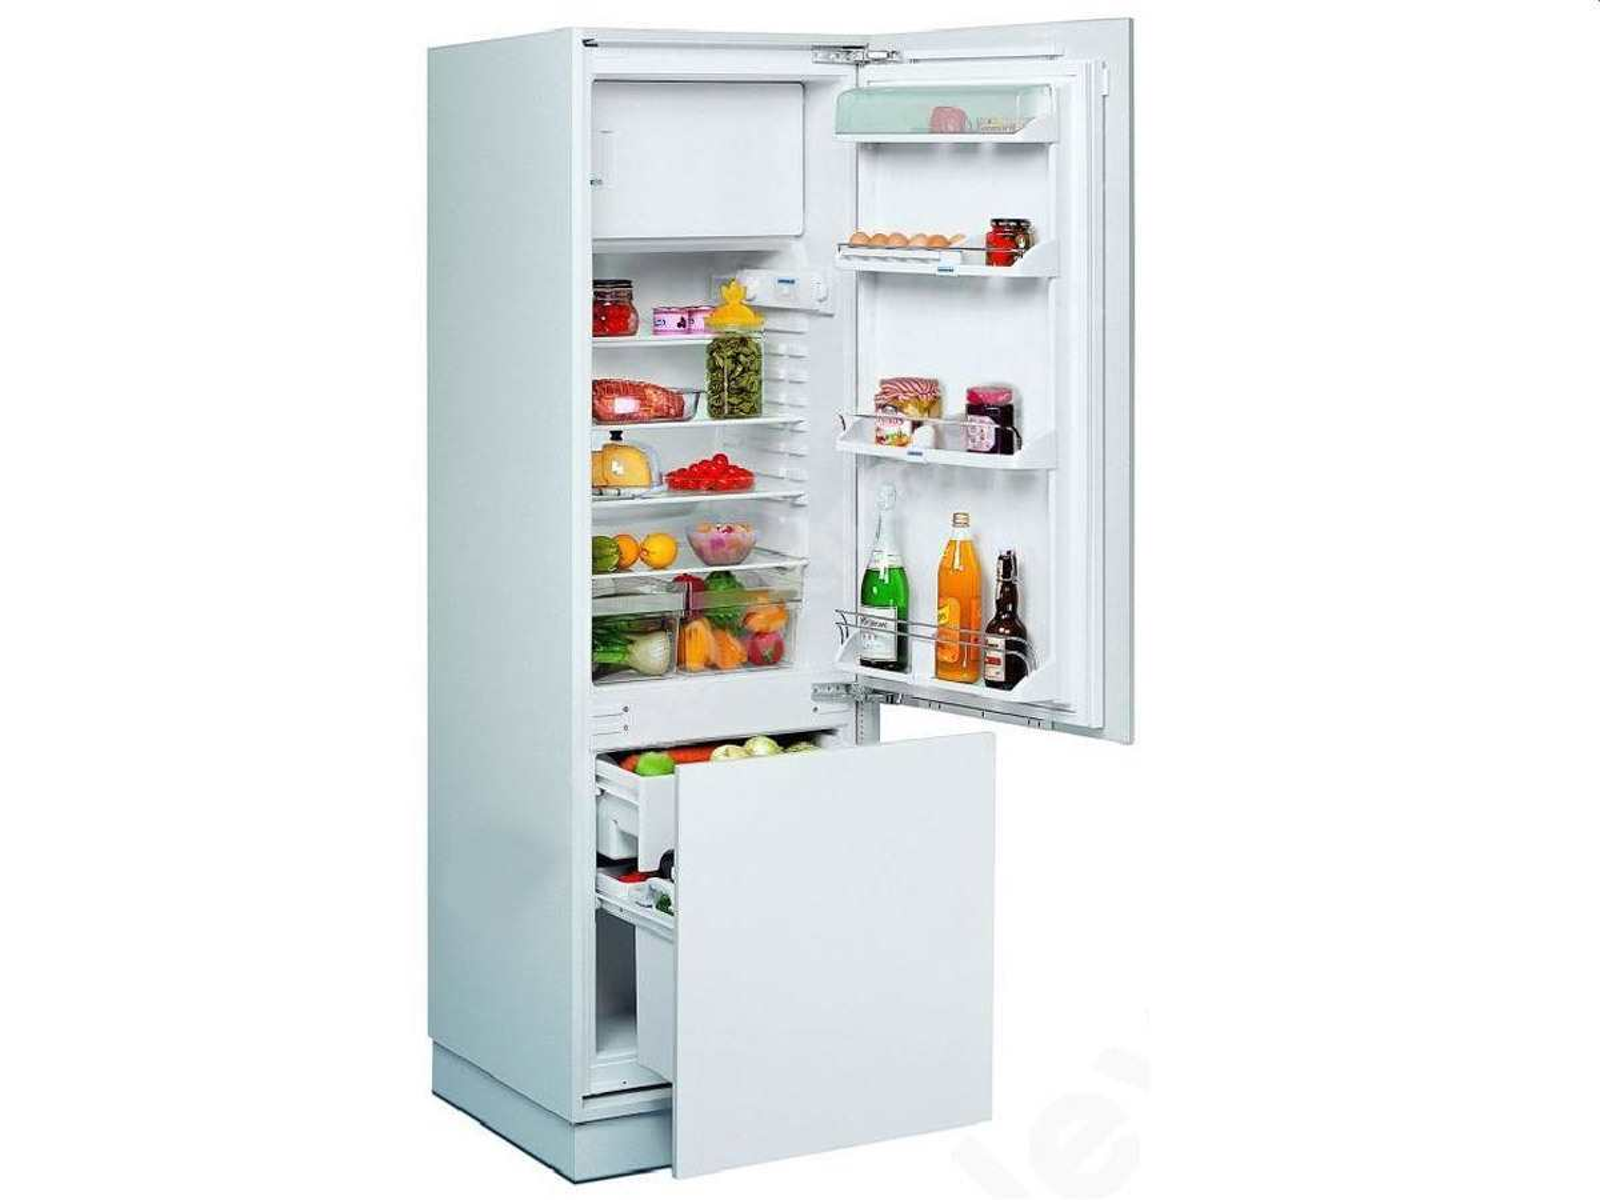 Bosch Kühlschrank Blau : Kleiner kühlschrank lampe blau kleiner sockel für kühl und